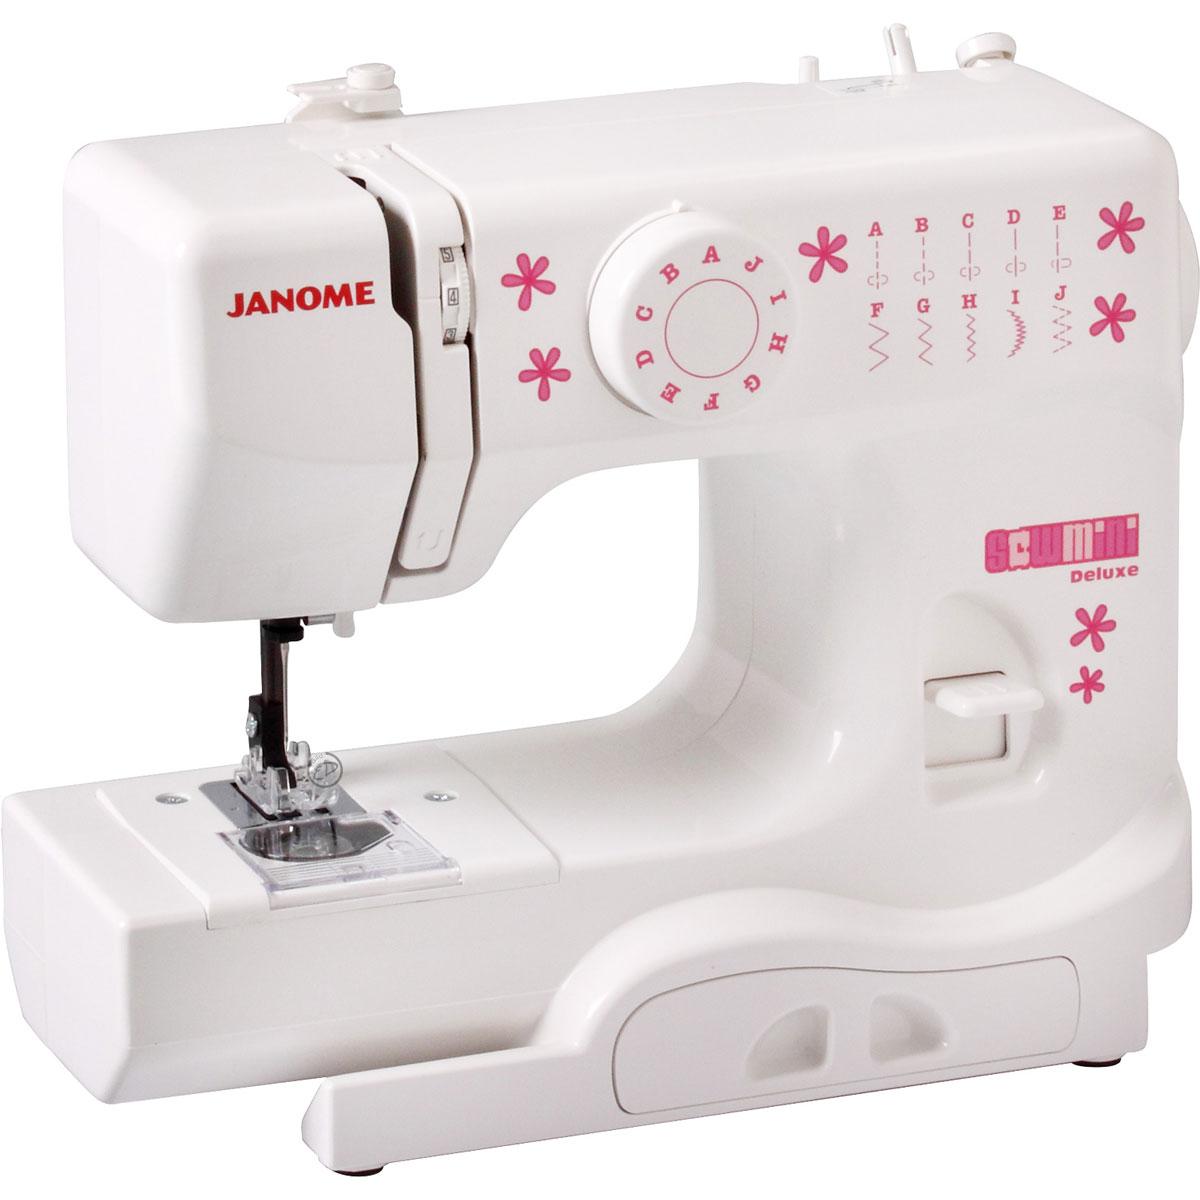 Janome Sew Mini Deluxe швейная машина